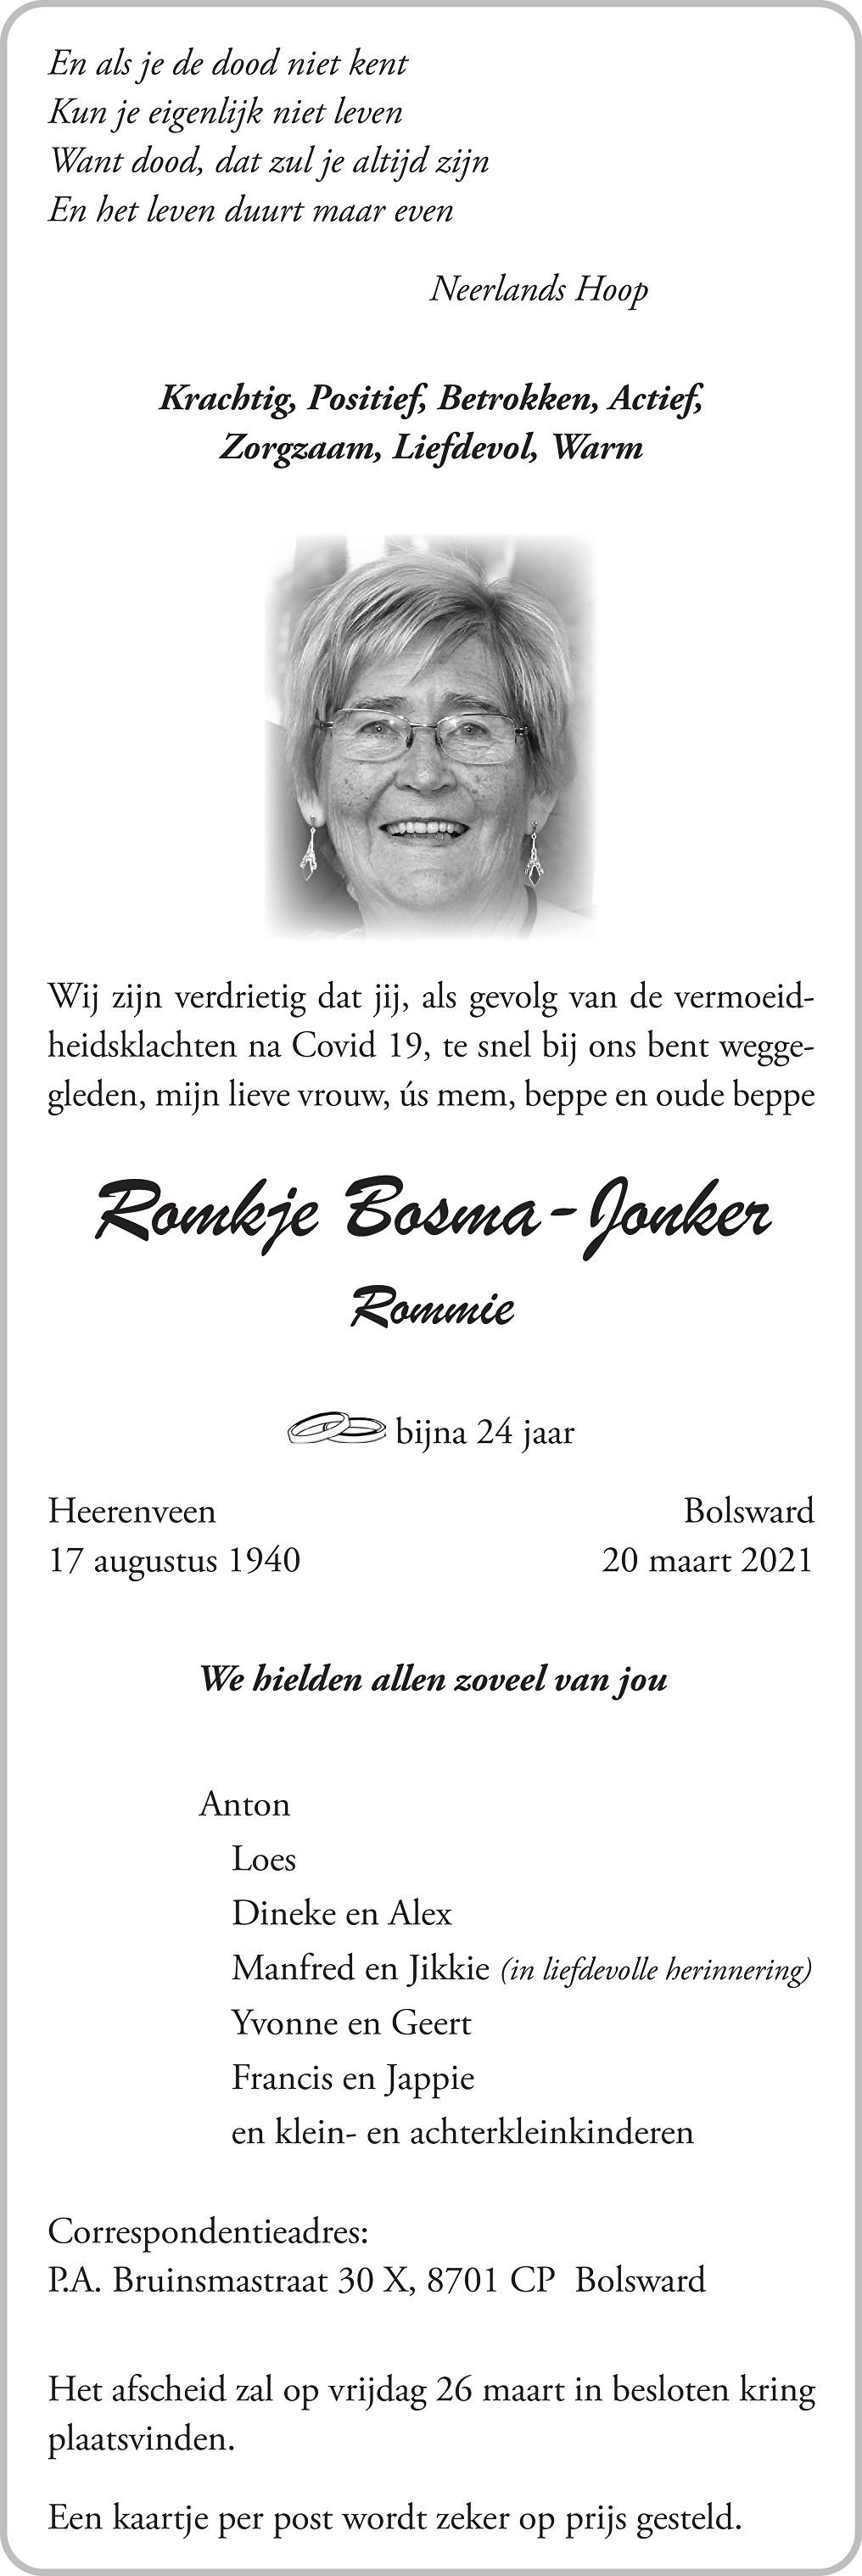 Romkje Bosma-Jonker Death notice